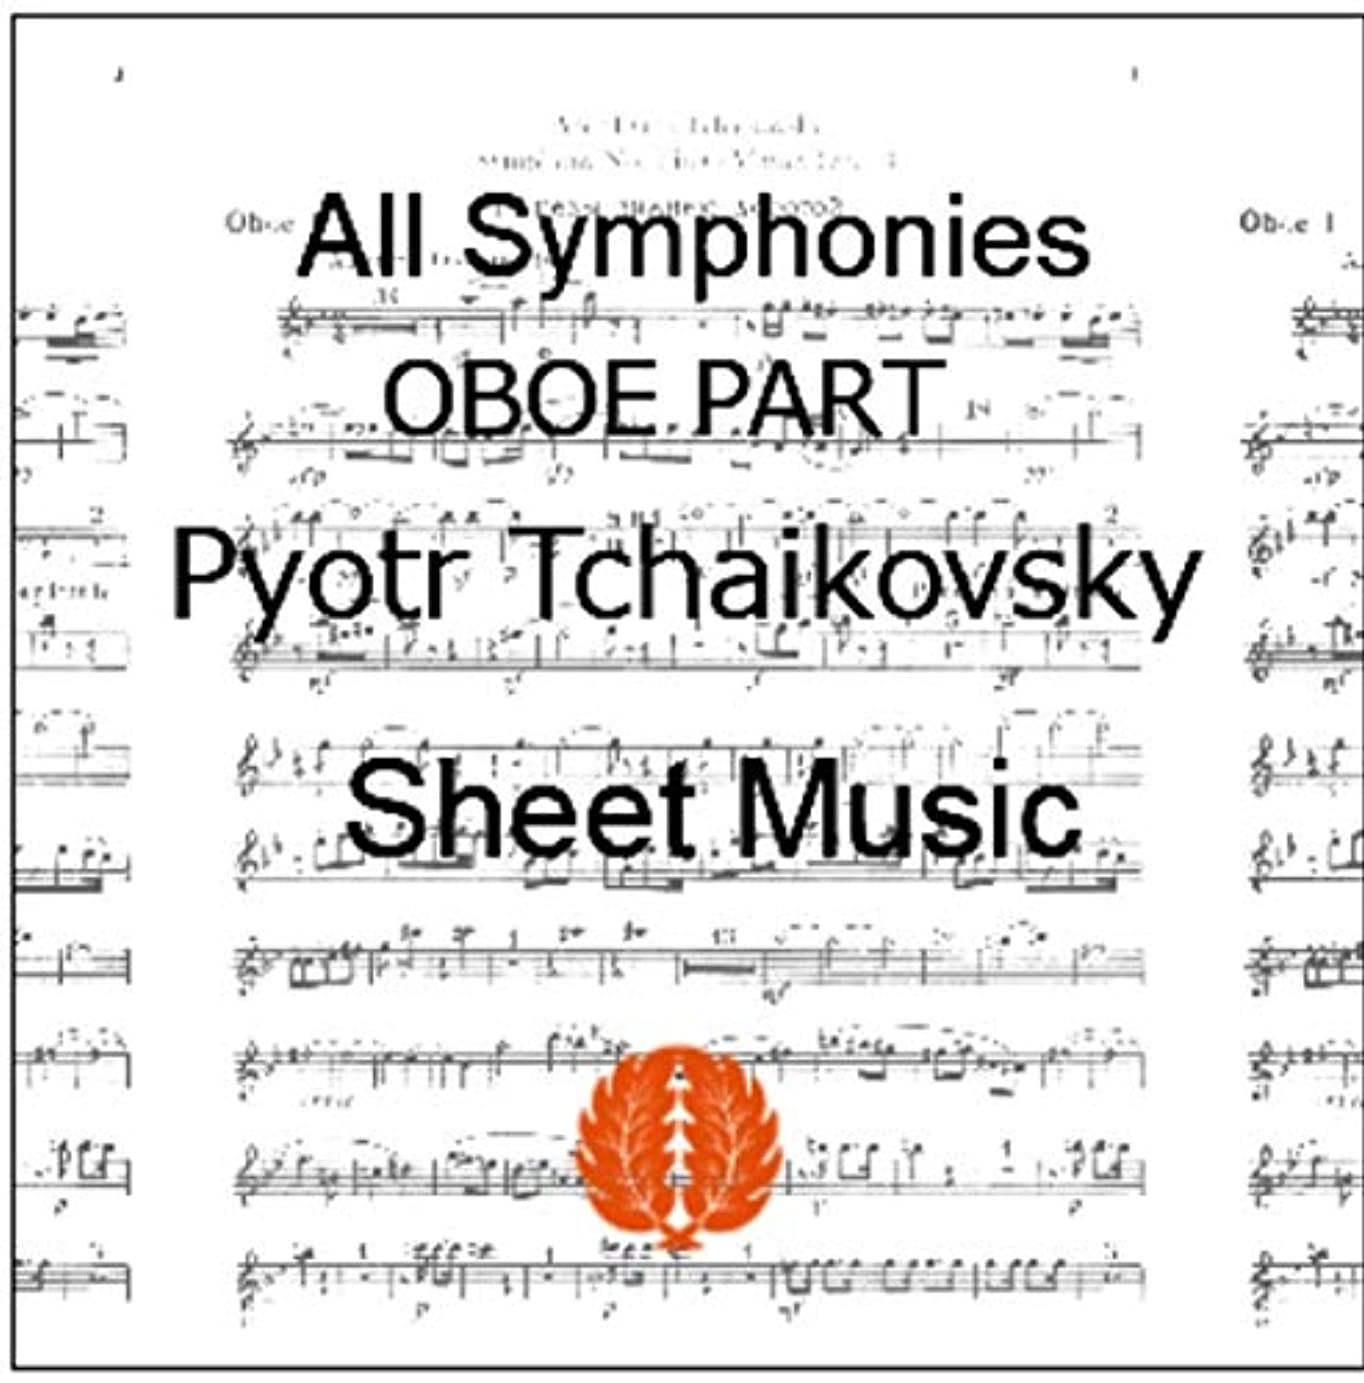 楽譜 pdf チャイコフスキー 交響曲 全曲 全楽章 オーボエ イングリッシュホルン パート譜セット